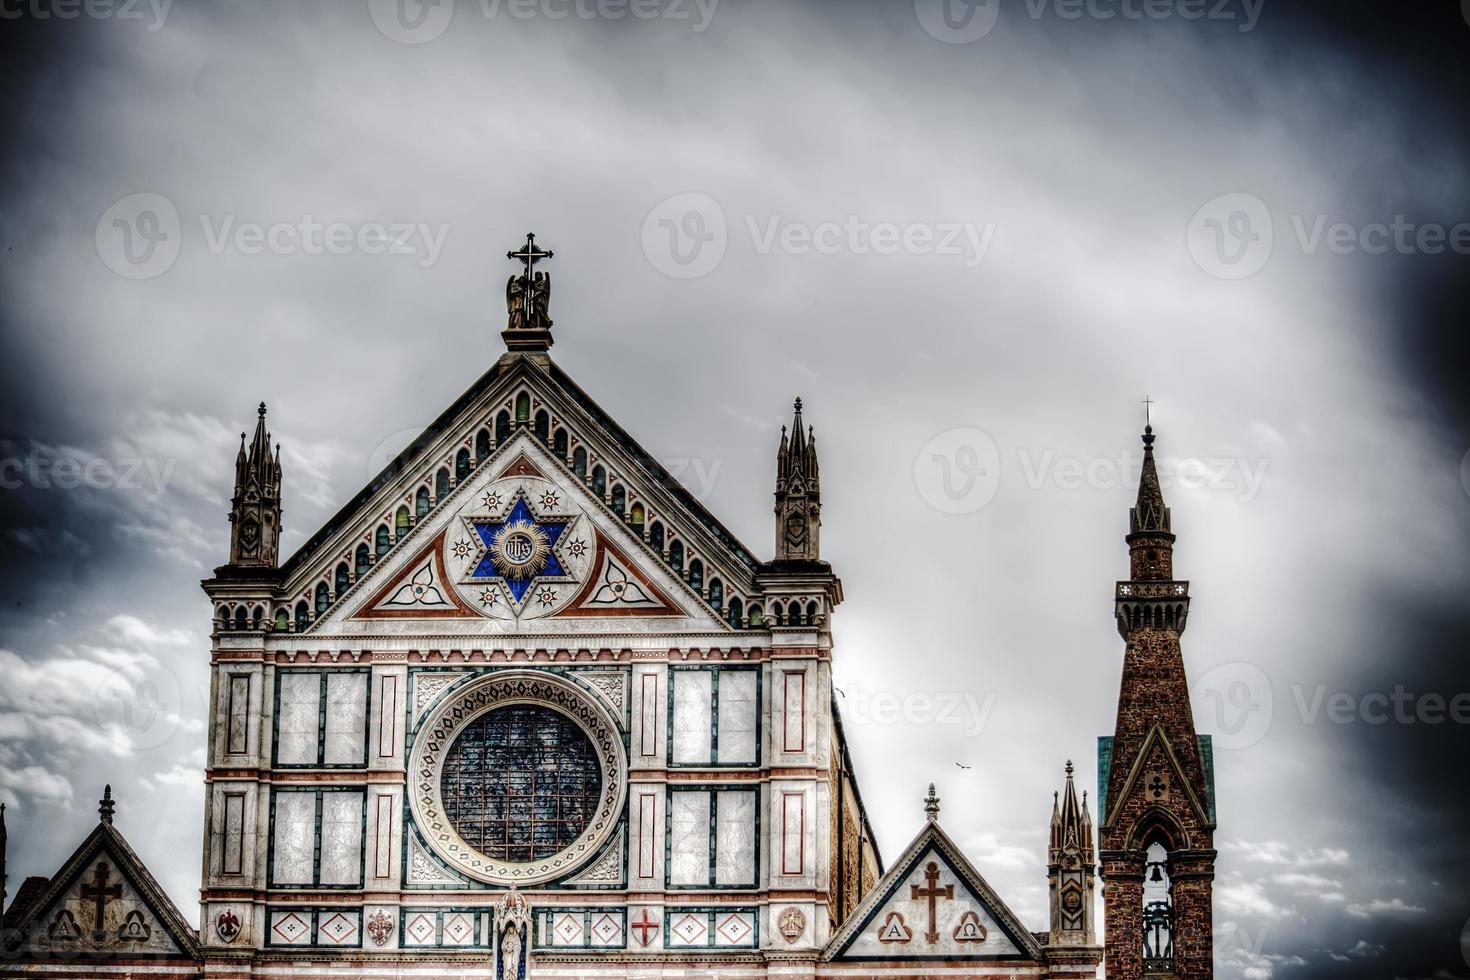 Santa Croce vista frontal bajo un espectacular cielo gris foto